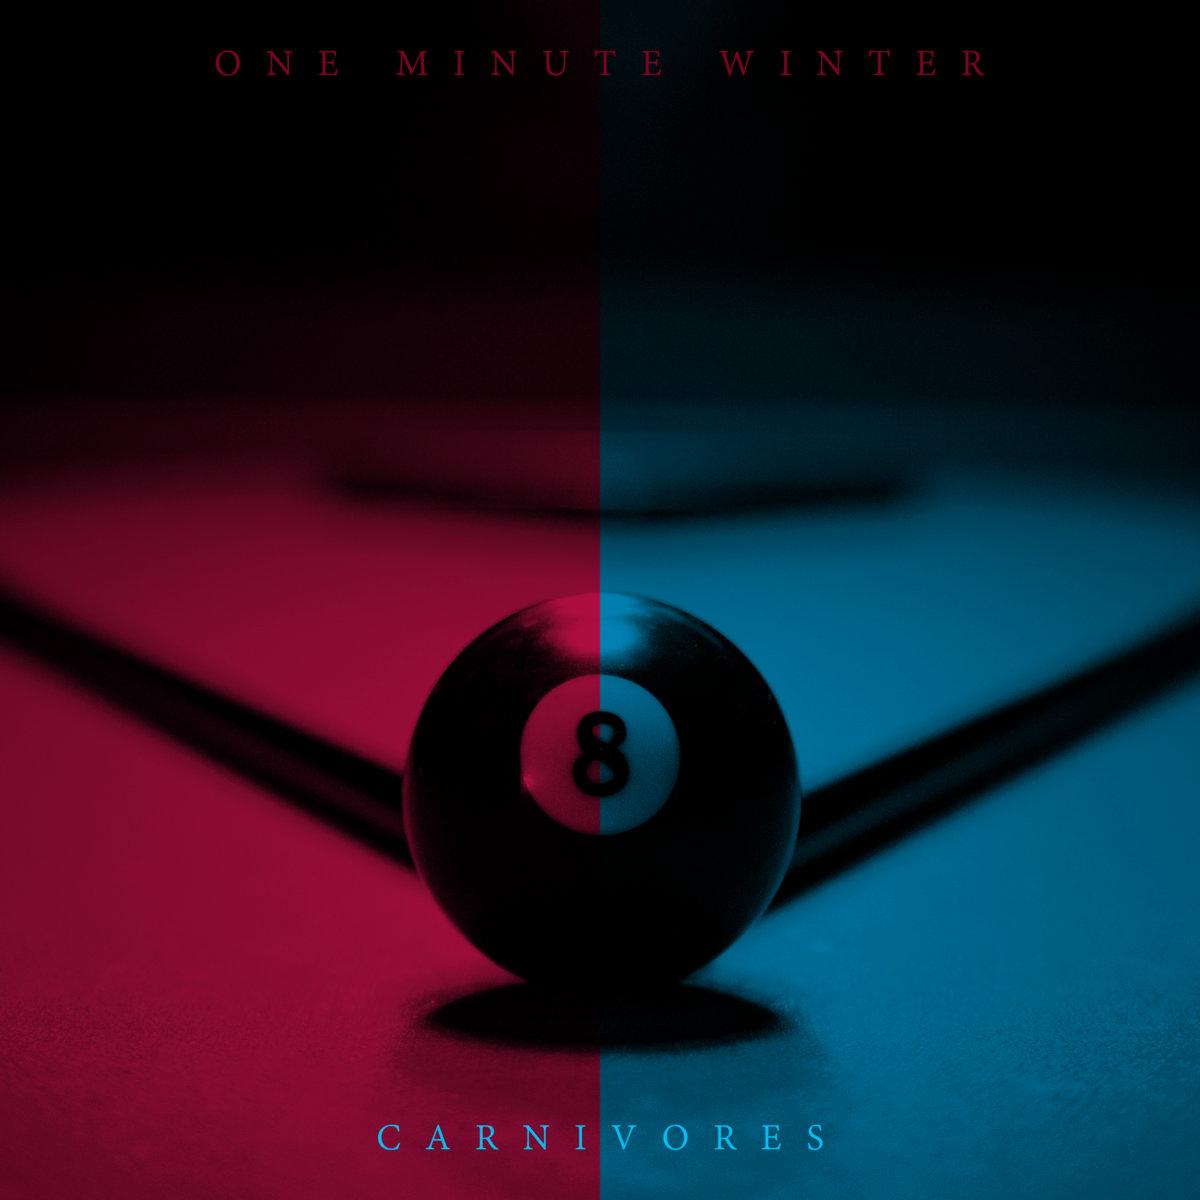 Carnivores (album)